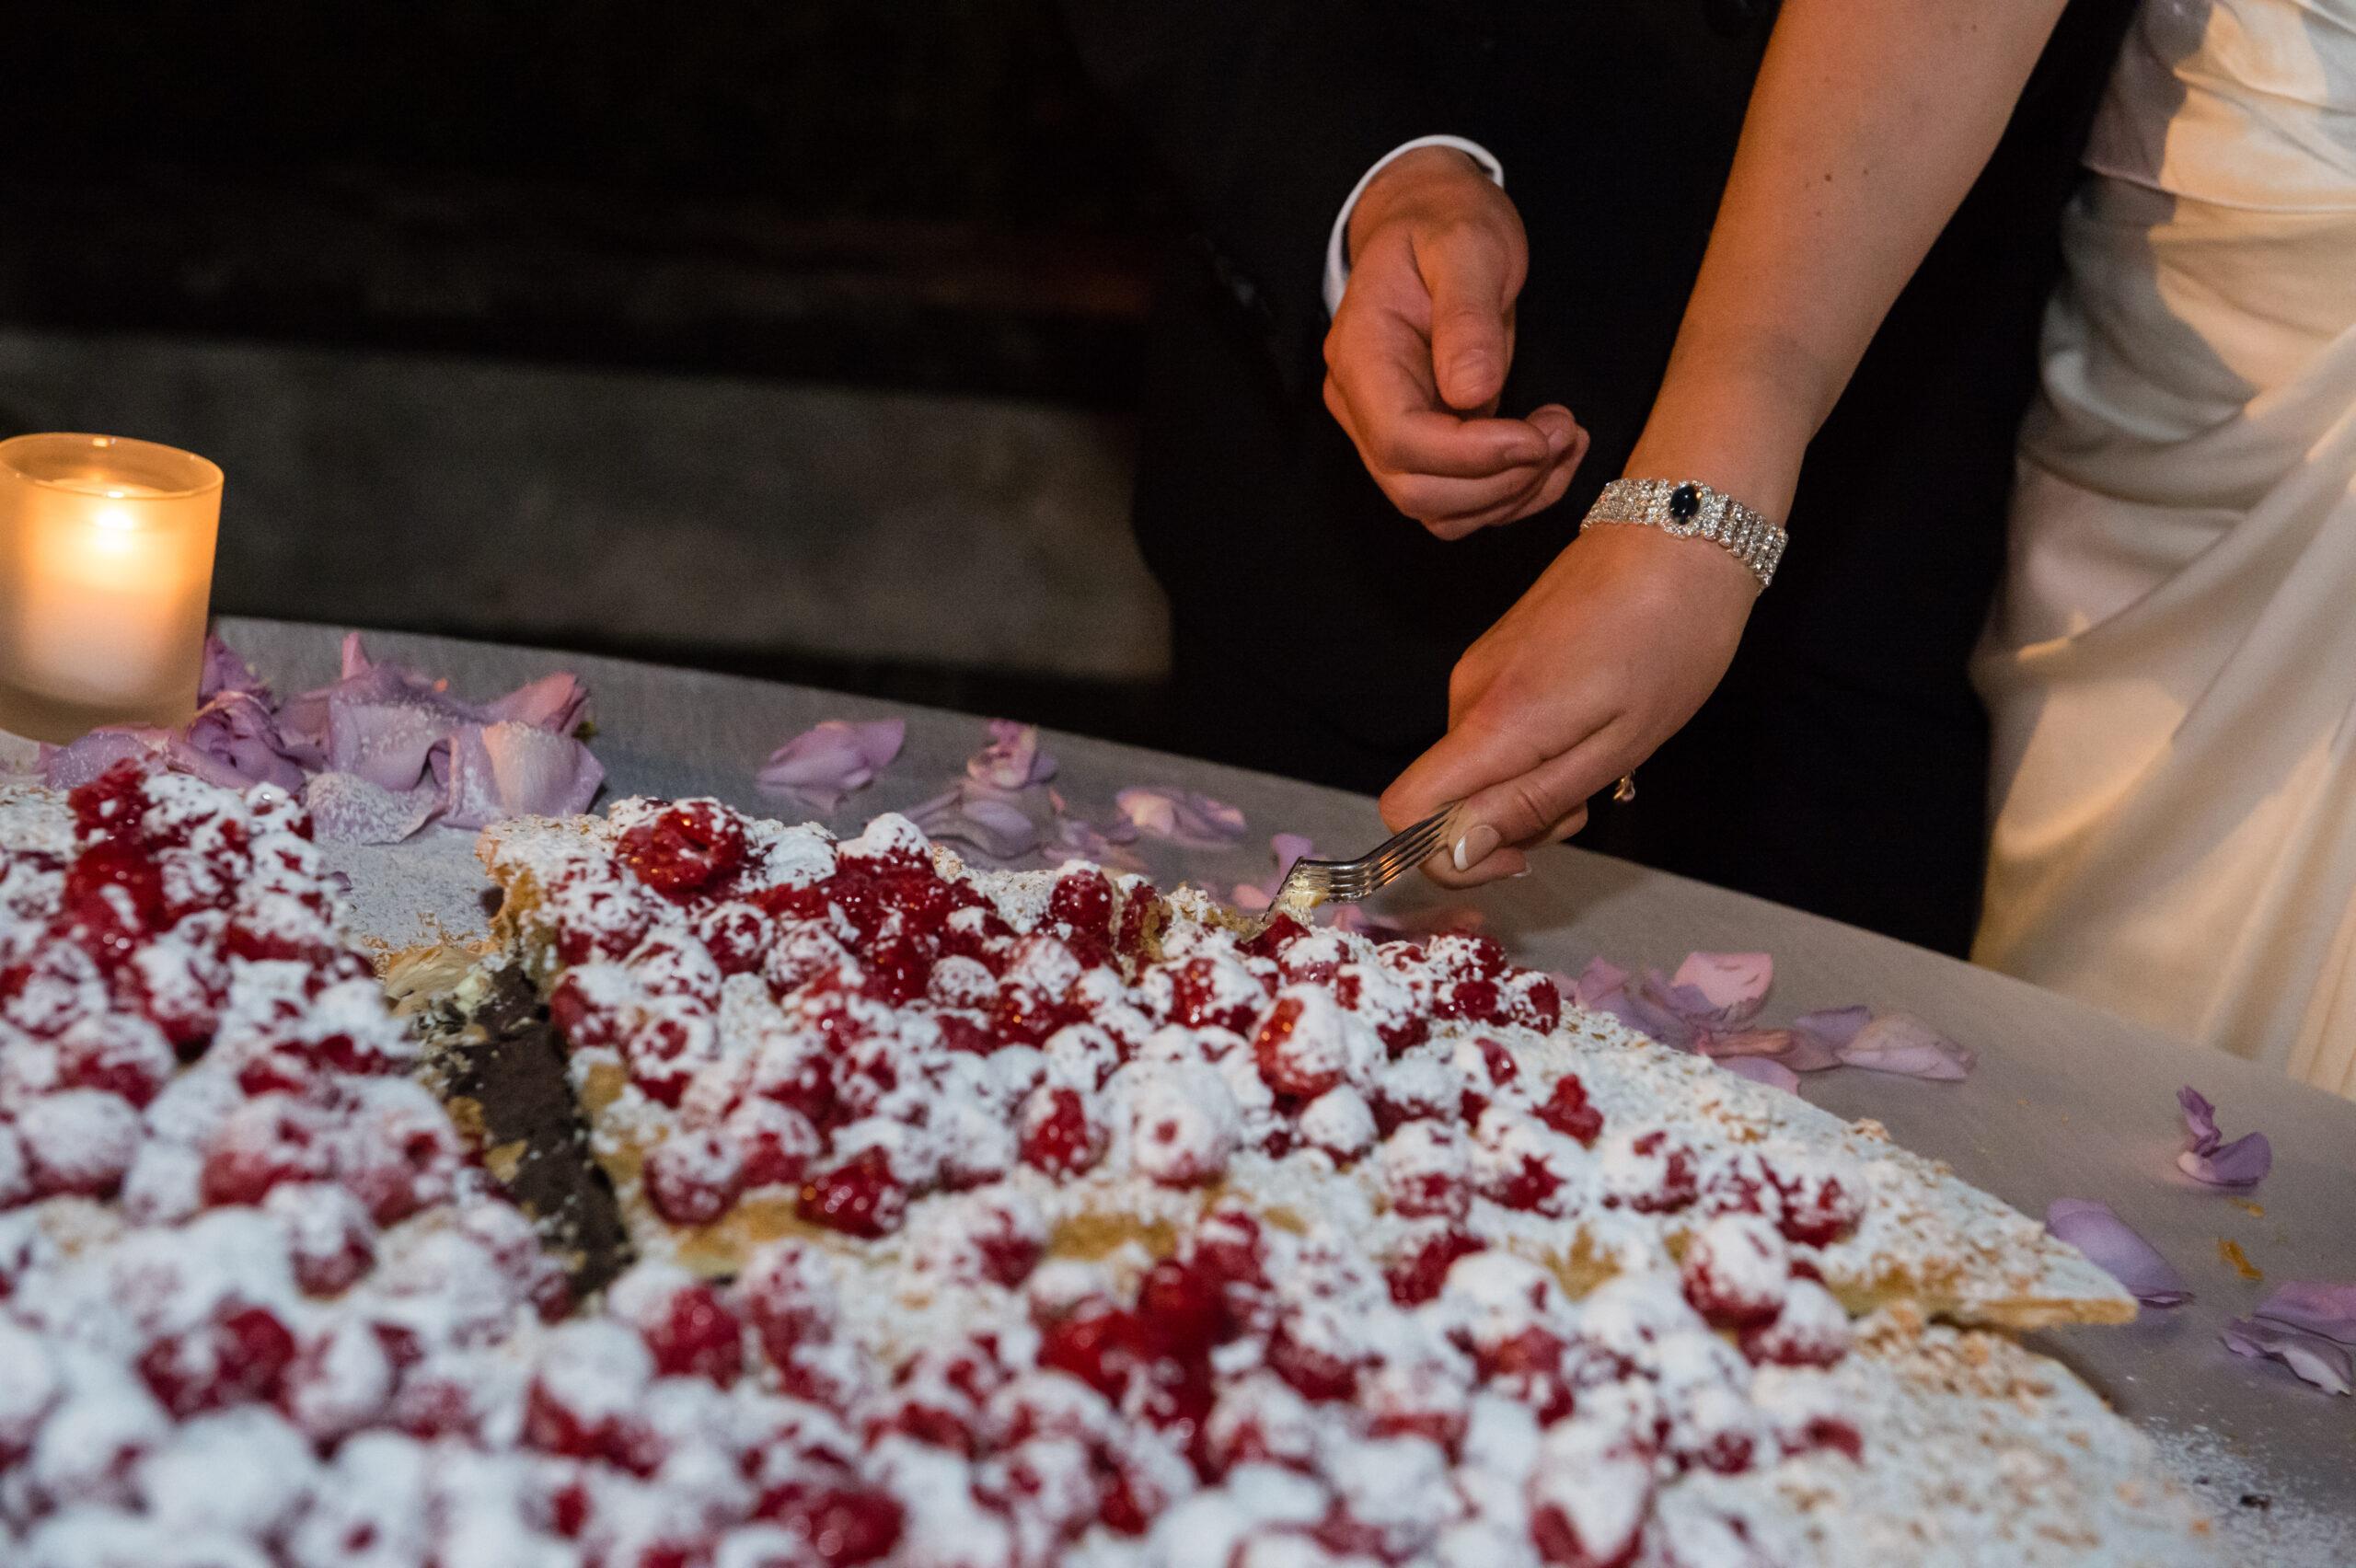 Mille foglie wedding cake with strawberries